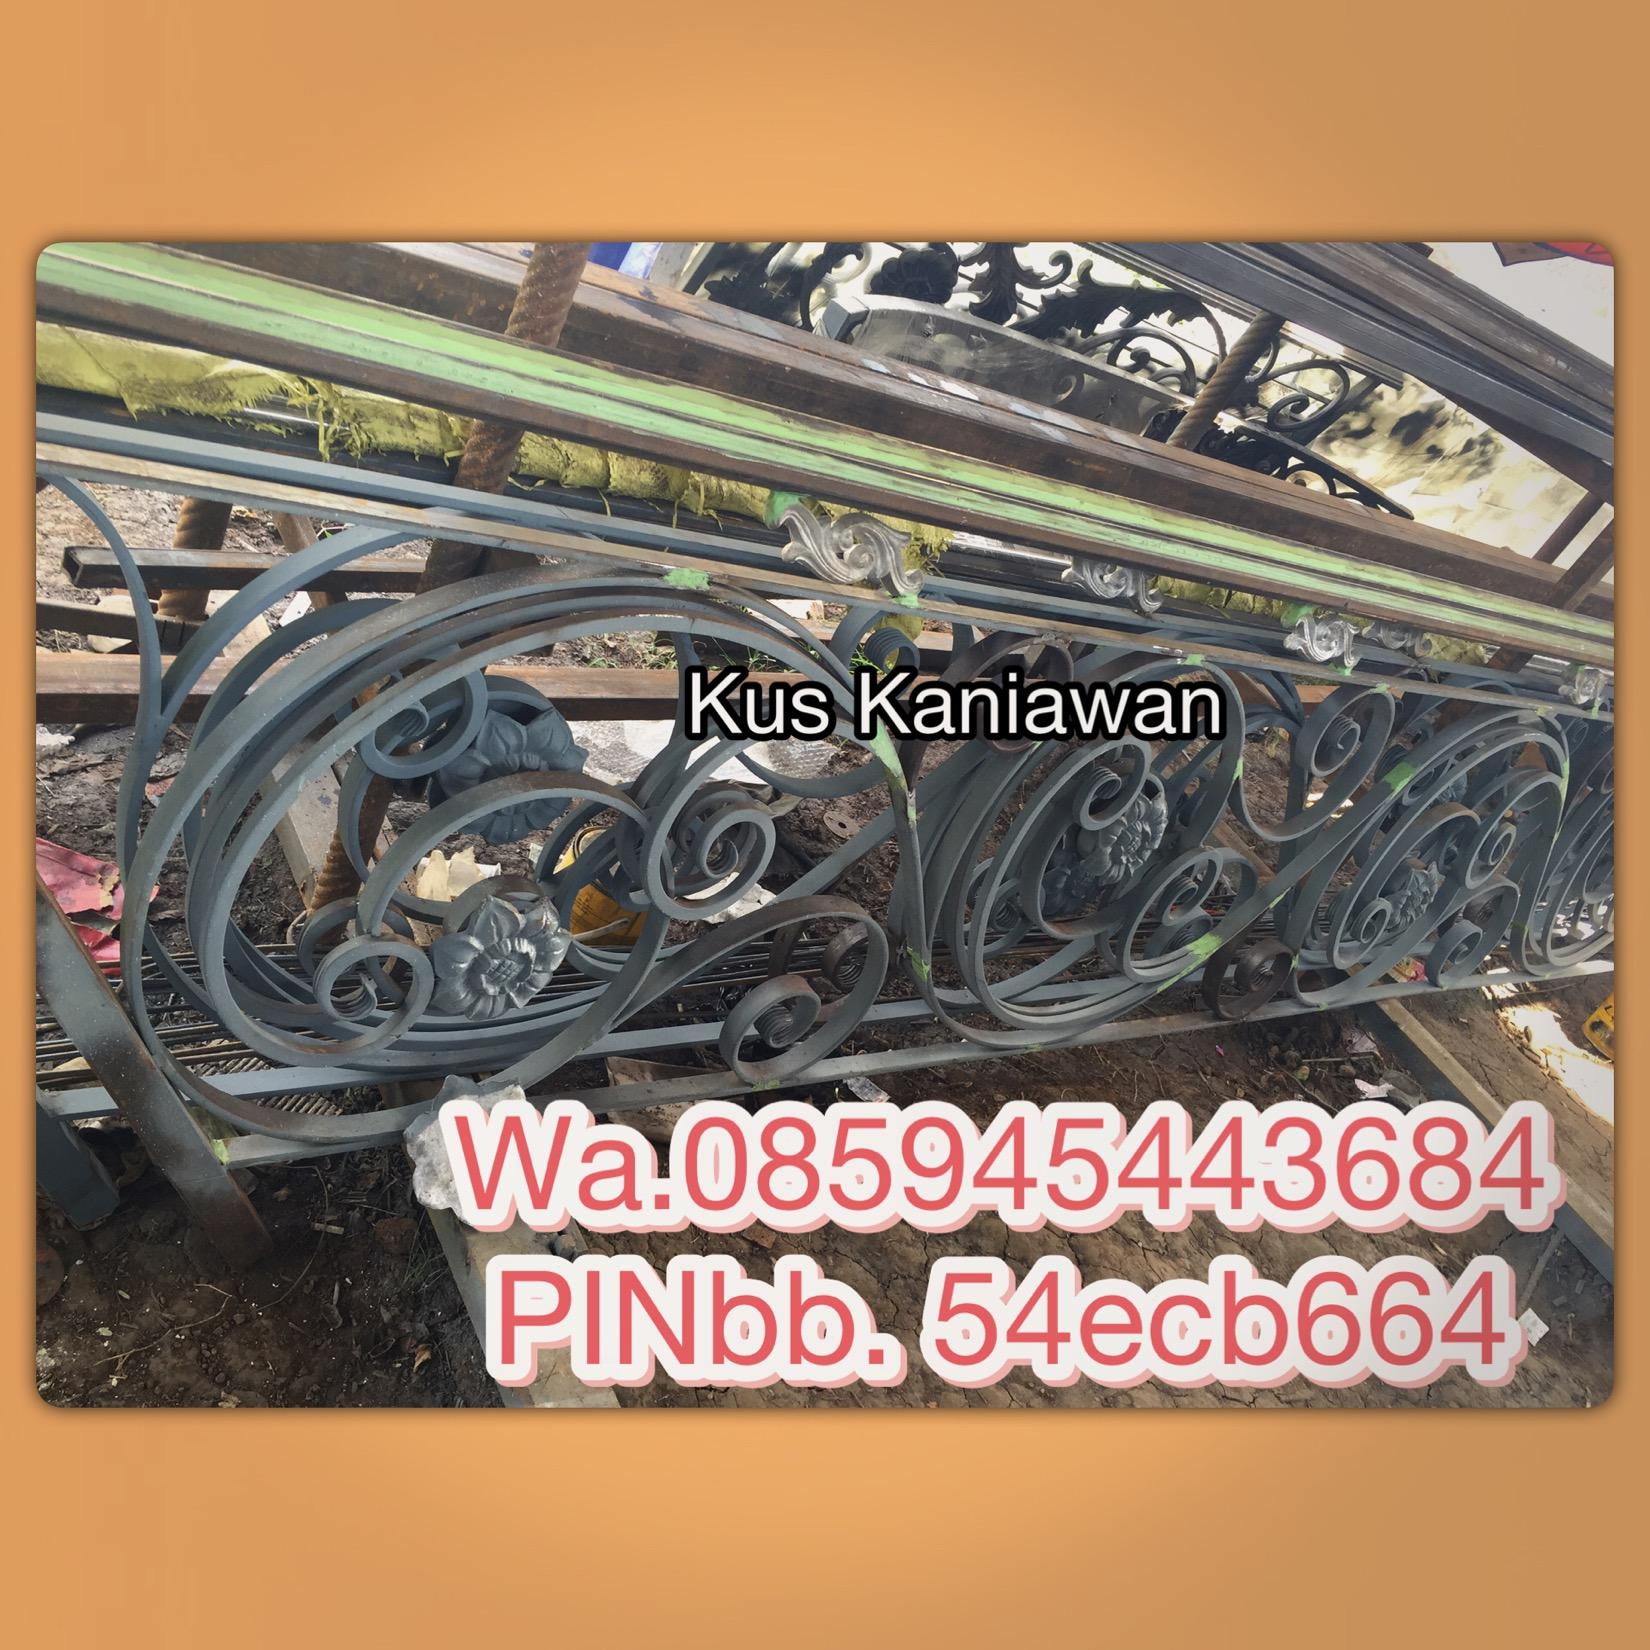 spesialis besi tempa klasik tlpn. 087878252728 pinbb. 54ecb664. wa.085945443684 jakarta